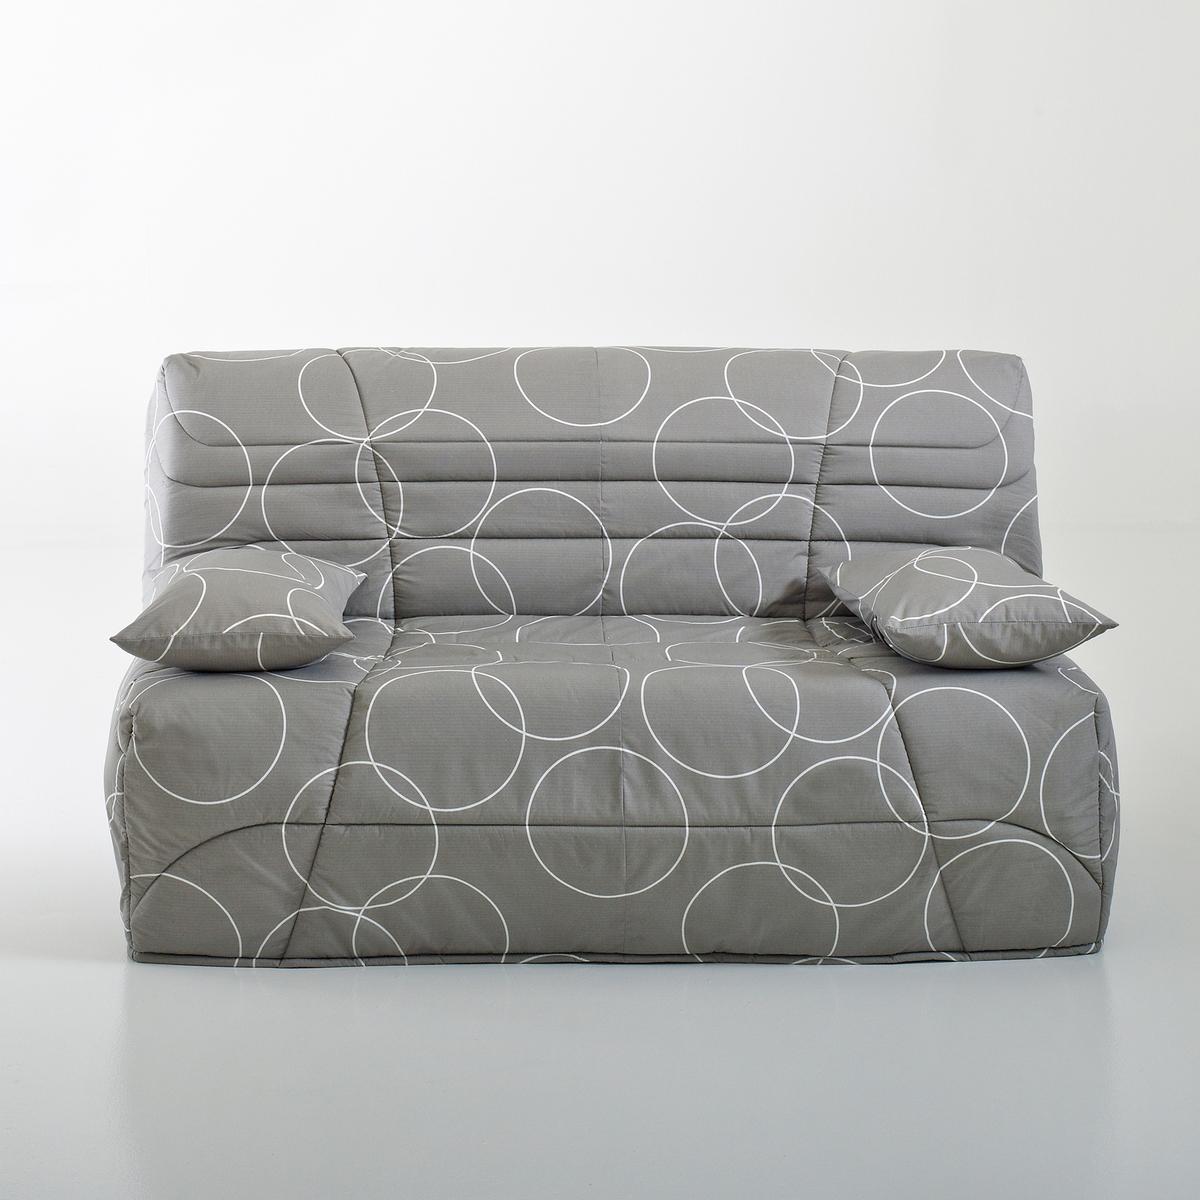 Чехол стеганый BZ, толщина 9 см, 250 г/м2Чехол для дивана-книжки, усовершенствованная модель : Для дивана-книжки, чехол позволит продлить срок службы вашего дивана-книжки!Сделано в Европе. Описание :- Стеганый чехол с наполнителем из полиэстера (250 г/м?)Застежка на молнию- Поставляется в комплекте с  2 чехлами на подушку-валик (кроме модели 90 см)Обивка :- Однотонная расцветка : 100% хлопок, пропитка от пятен (250 г/м?)- Расцветка с рисунком : 50% хлопка, 50% полиэстера- Меланжевая расцветка : 100% полиэстер- Предоставляем бесплатные образцы материала : Введите примеры дивана-книжки в поисковую систему на сайте laredoute.ruОткройте для себя другие модели коллекции BZ на сайте laredoute.ruРазмеры :3 варианта ширины :Ширина : 90 смШирина : 140 смШирина : 160 смРазмер подушки : Ш.50 x В.40 x Г.12 см<br><br>Цвет: рисунок круги